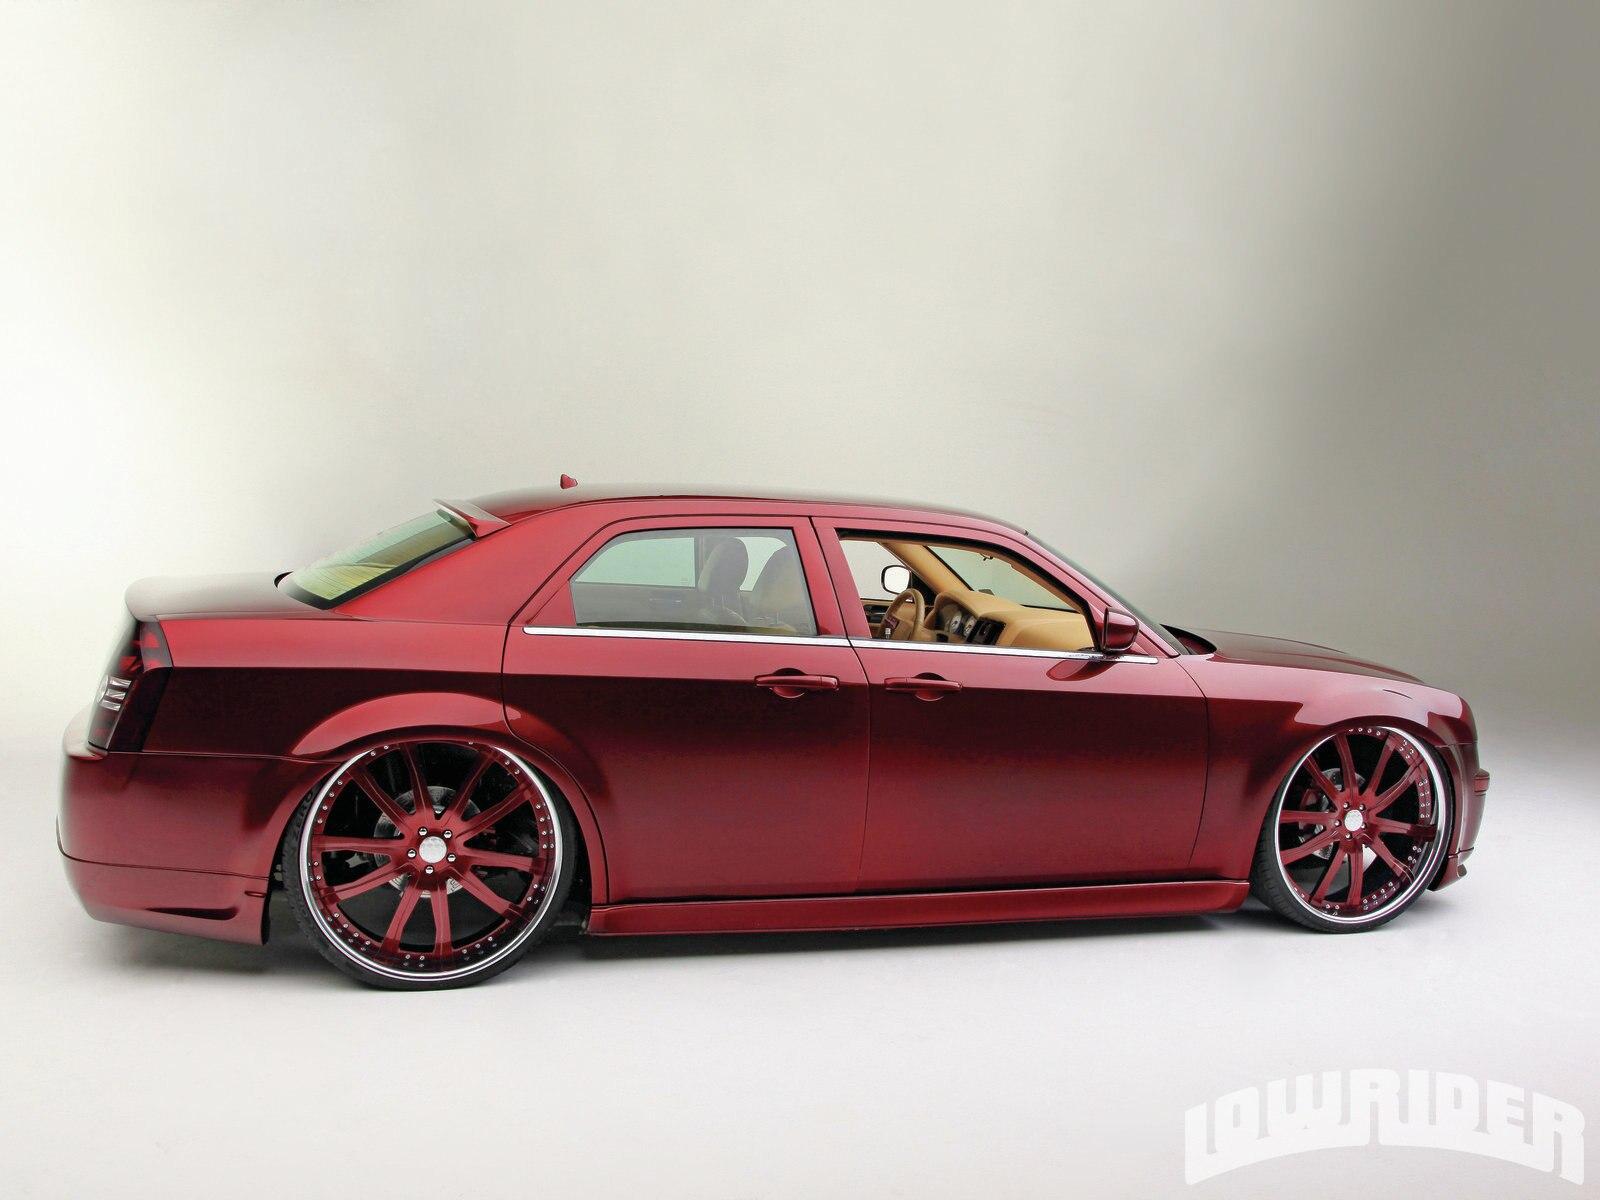 Lrmp O Chrysler Chrysler Side View